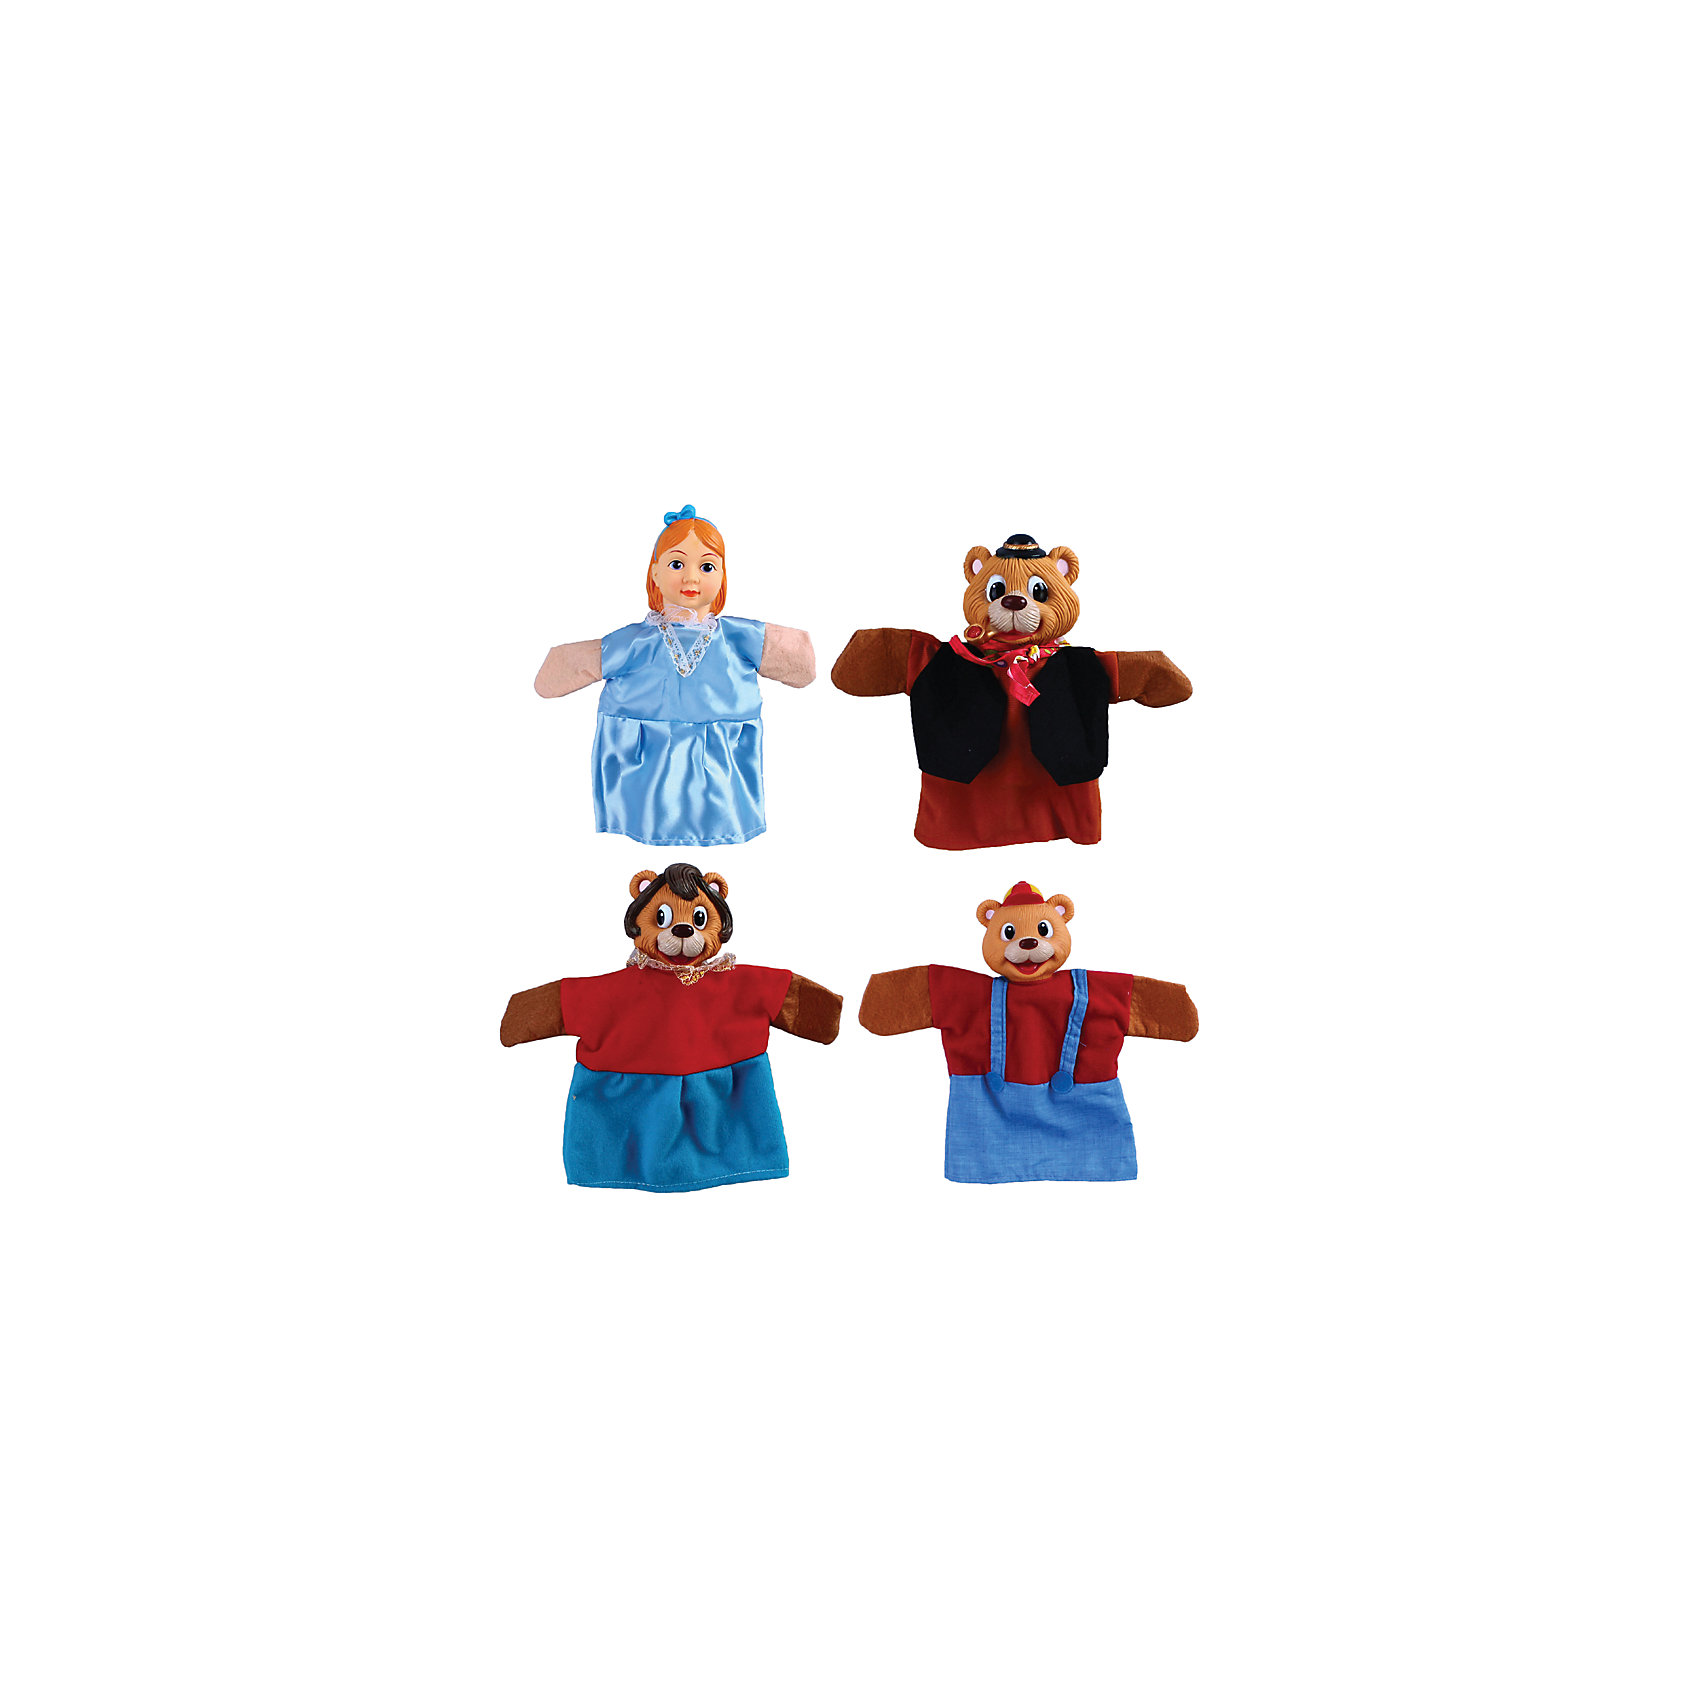 Кукольный театр Три медведя, 4 куклы, ЖирафикиКукольный театр – настоящее искусство! Погрузите малыша в детский мир драмы с помощью уникальных игрушек – кукол! Играйте с ребенком вместе, показывайте ему свое представление или устройте настоящий домашний спектакль перед родными. Игра такого плана развивает у малыша актерские способности, любовь к выступлениям на публике, а так же улучшает творческие способности и развивает фантазию и воображение. Материалы, использованные при изготовлении товара, абсолютно безопасны и отвечают всем международным требованиям по качеству.<br><br>Дополнительные характеристики:<br><br>материал: пластик, ПВХ;<br>цвет: разноцветный;<br>количество: 4 куклы;<br>габариты: 20 X 7 X 29 см.<br><br>Кукольный театр Три медведя от компании Жирафики можно приобрести в нашем магазине.<br><br>Ширина мм: 587<br>Глубина мм: 473<br>Высота мм: 419<br>Вес г: 442<br>Возраст от месяцев: 36<br>Возраст до месяцев: 96<br>Пол: Унисекс<br>Возраст: Детский<br>SKU: 5032549